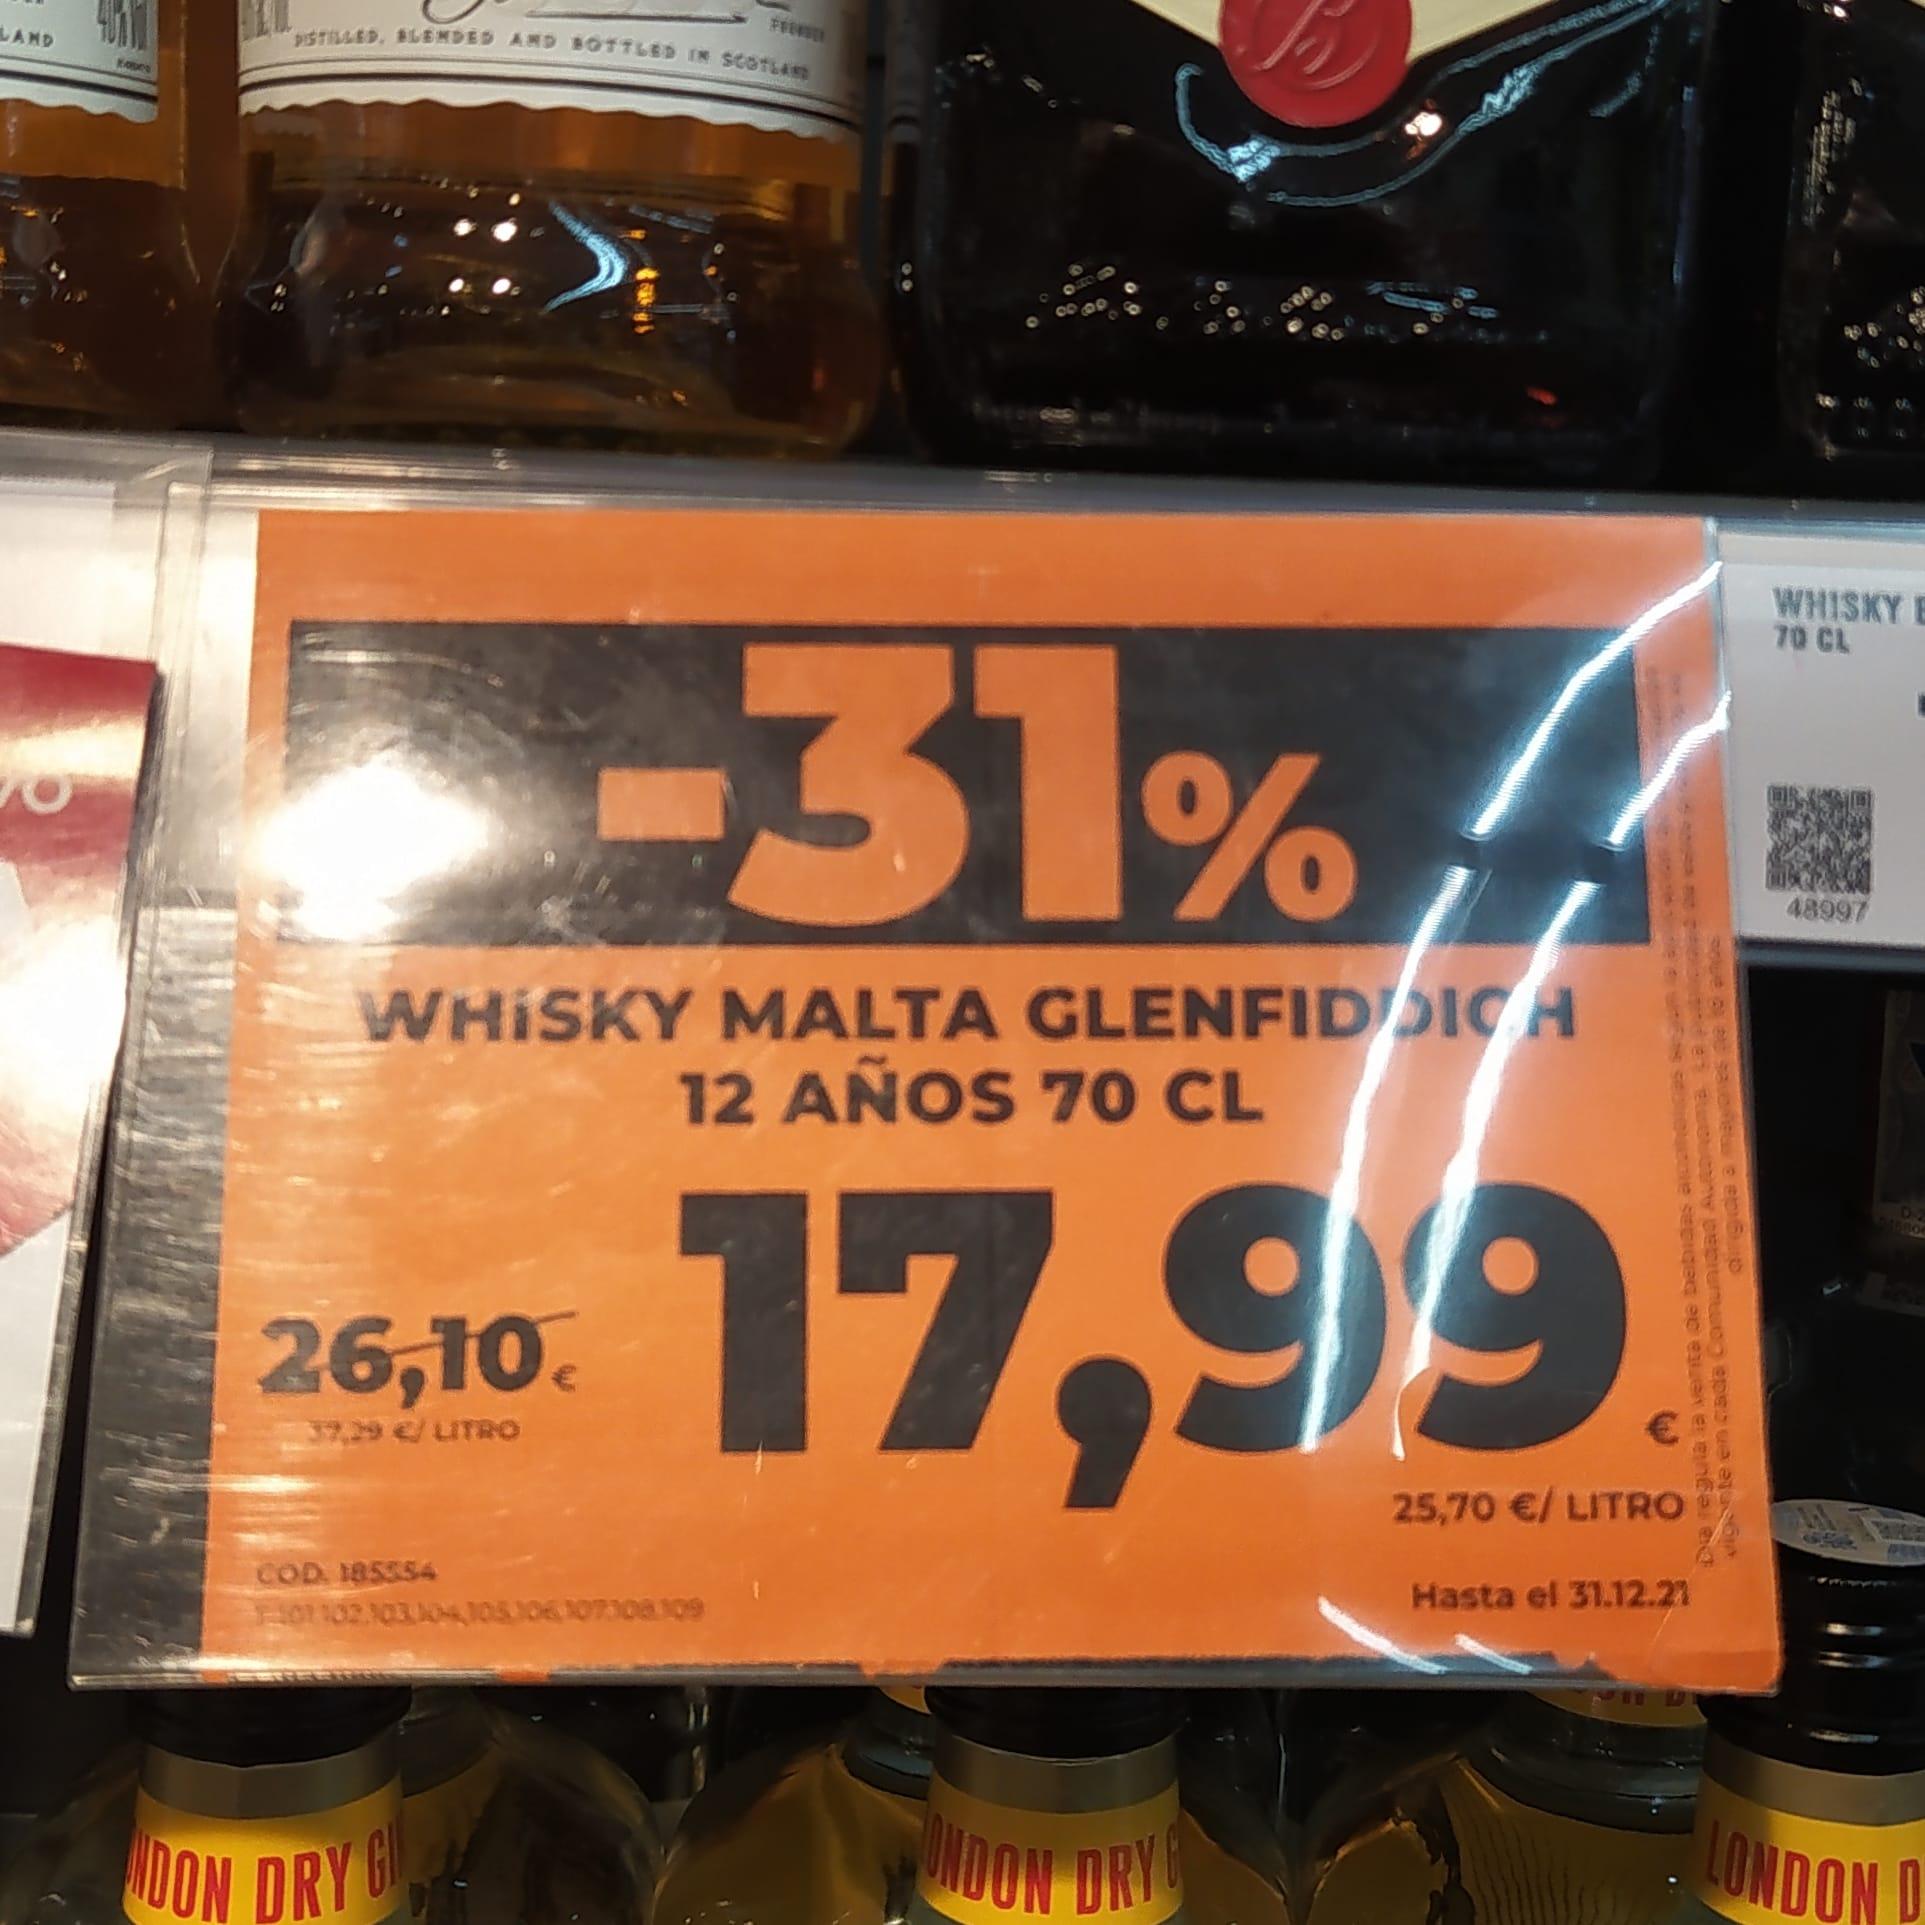 Glenfiddich 12 - Whisky Escocés Malta en Supermercados Dia